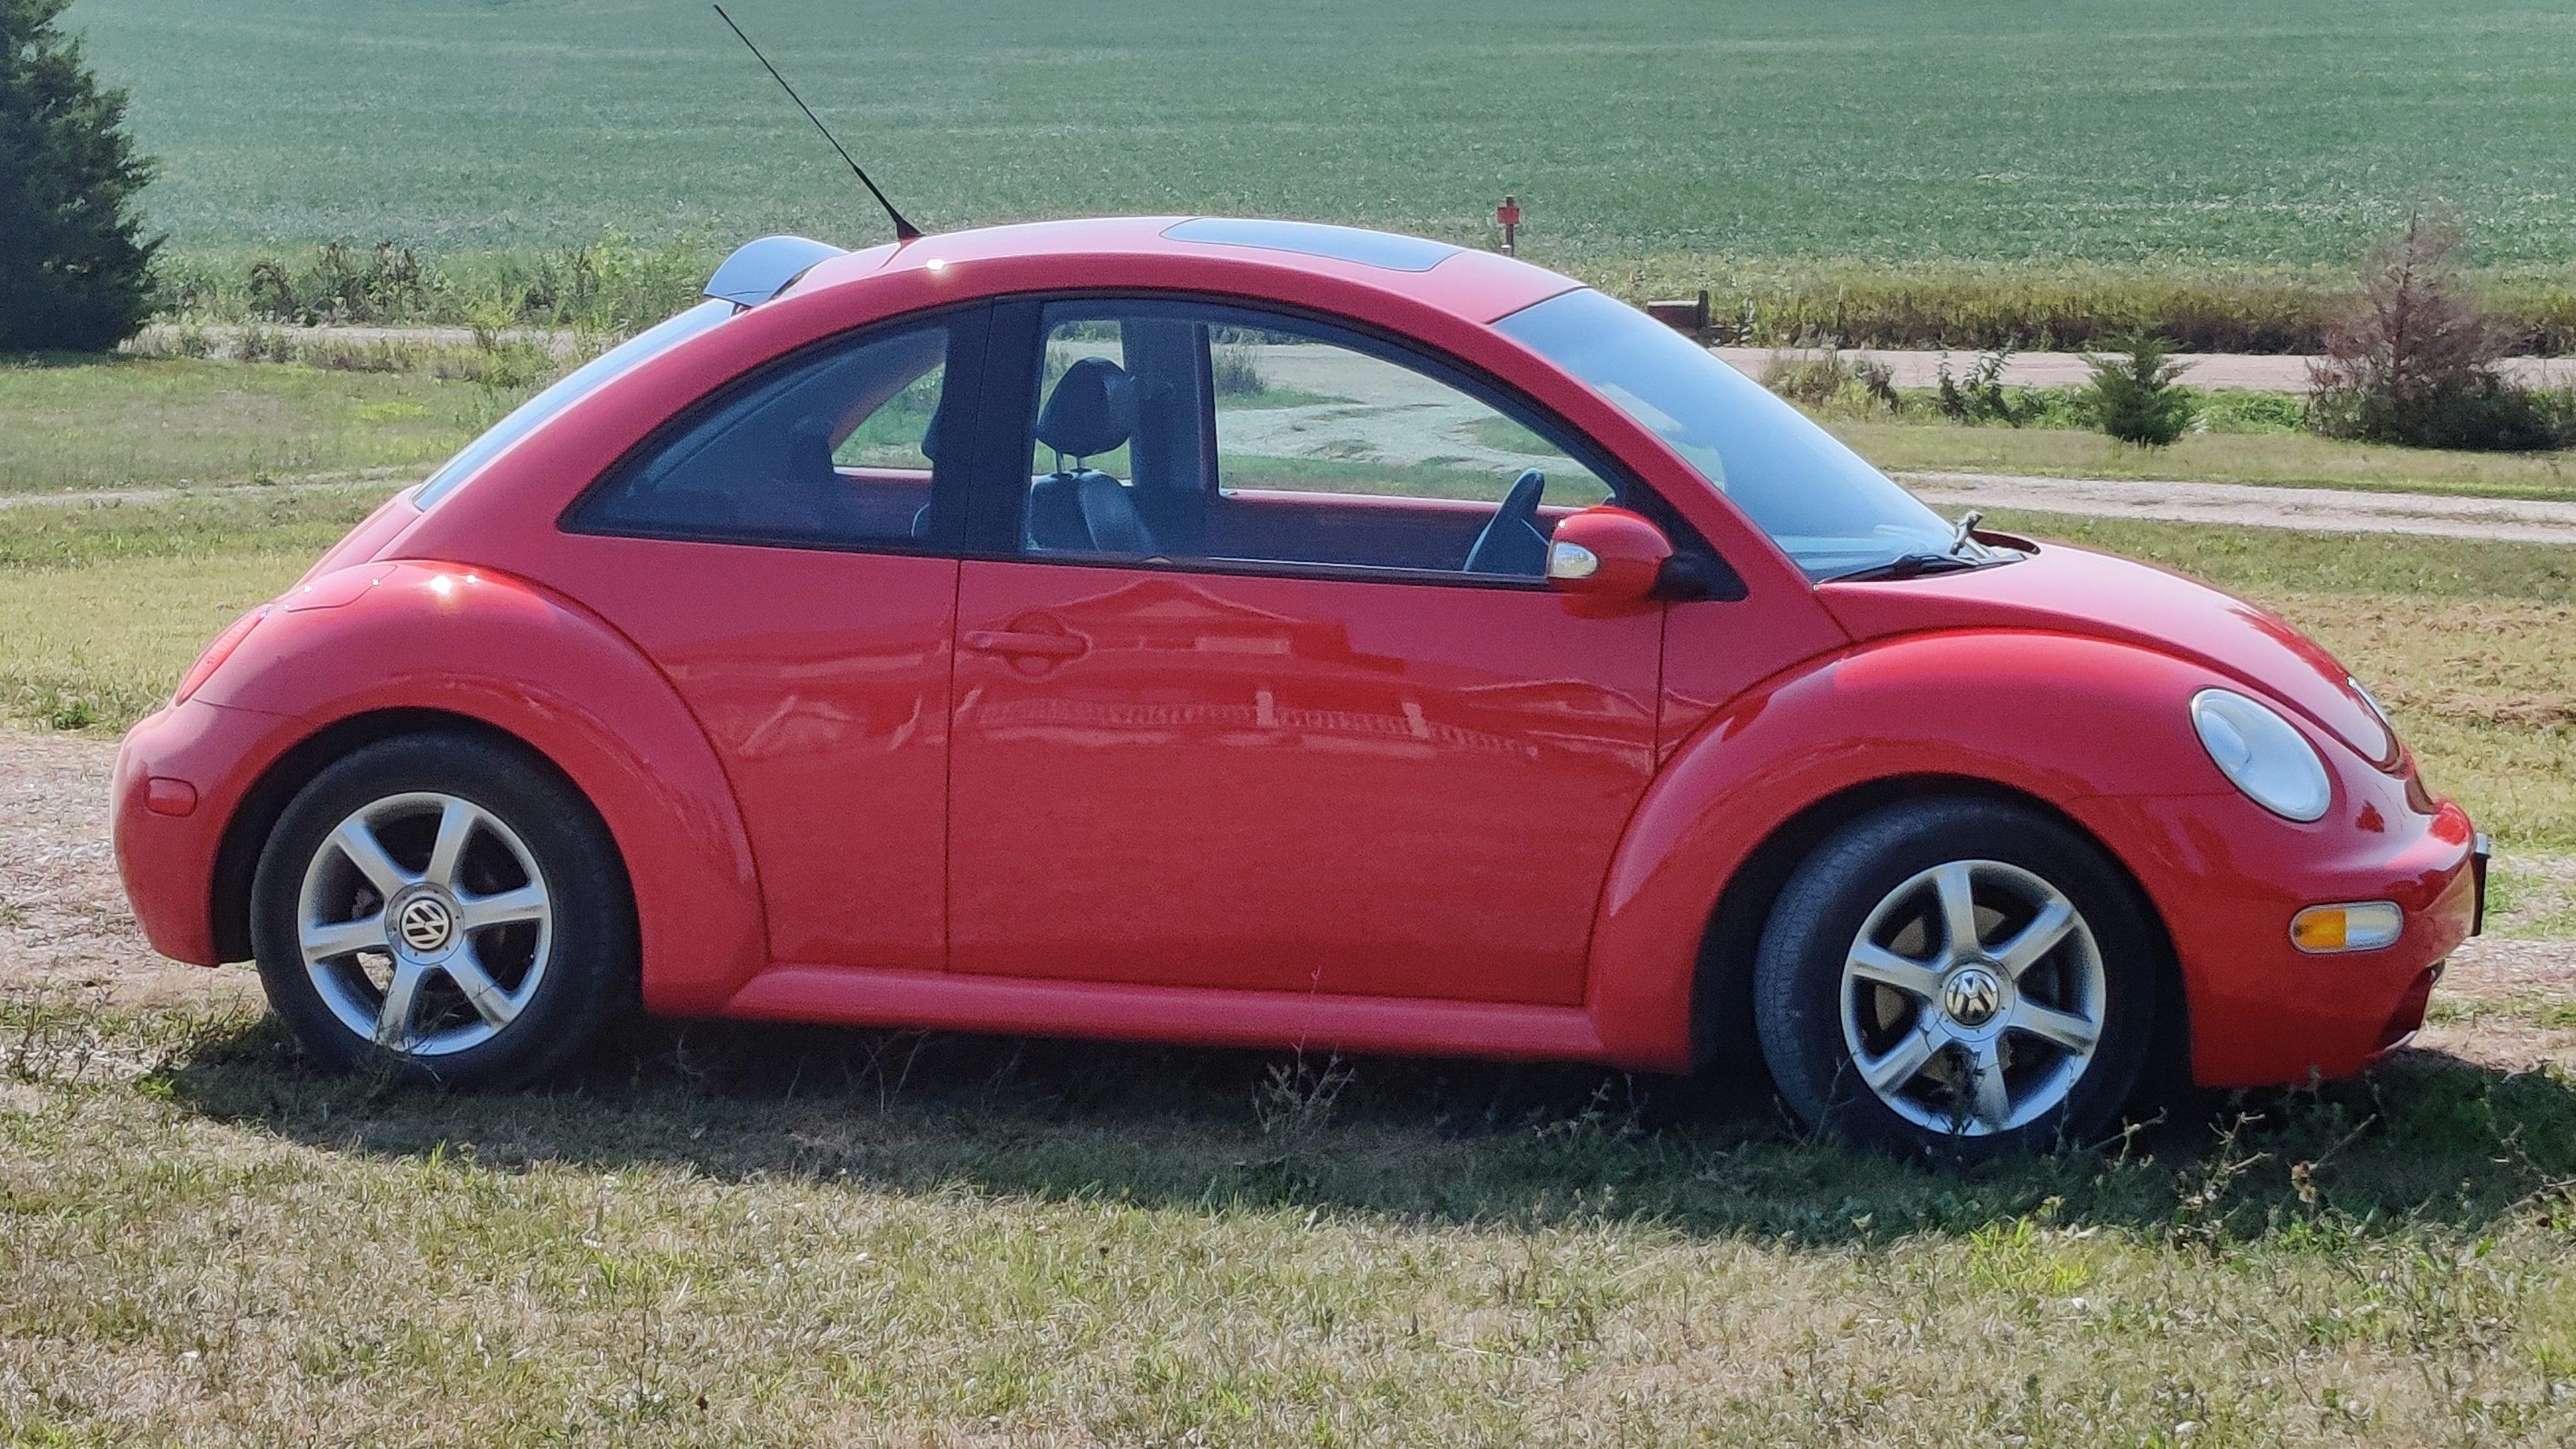 VW wing